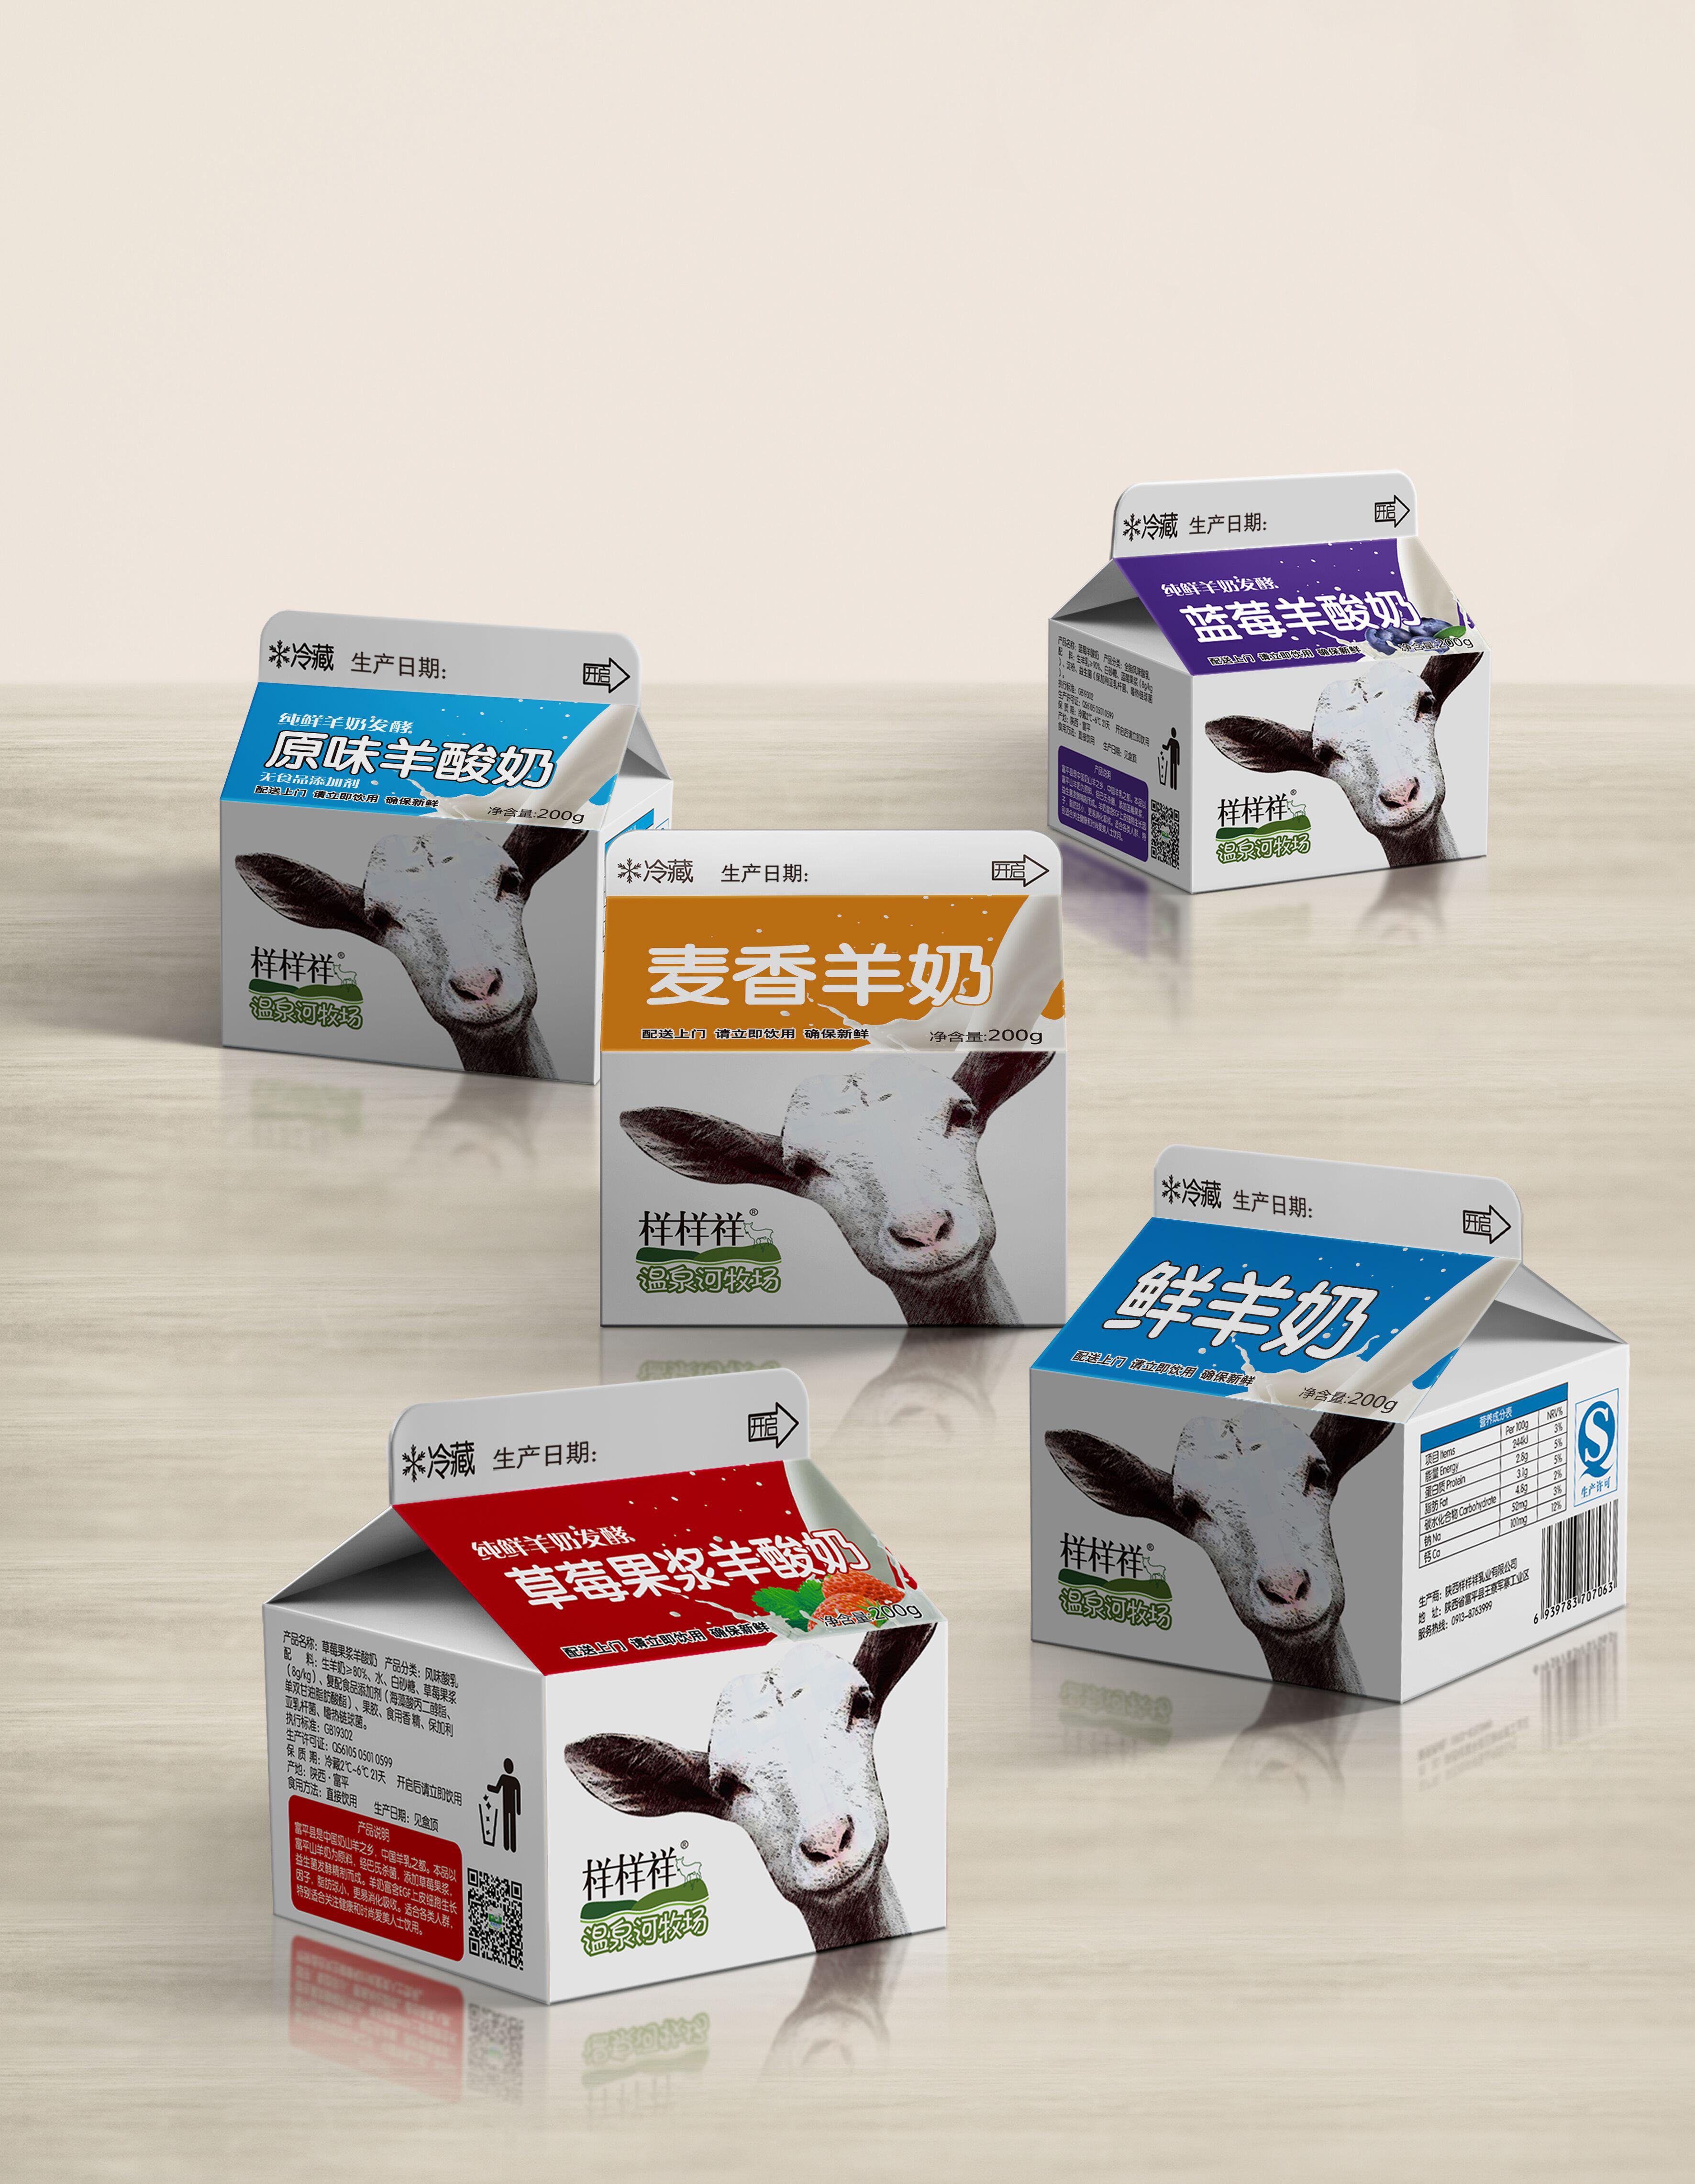 万博app手机版官网下载祥温泉河系列羊酸奶全体.JPG